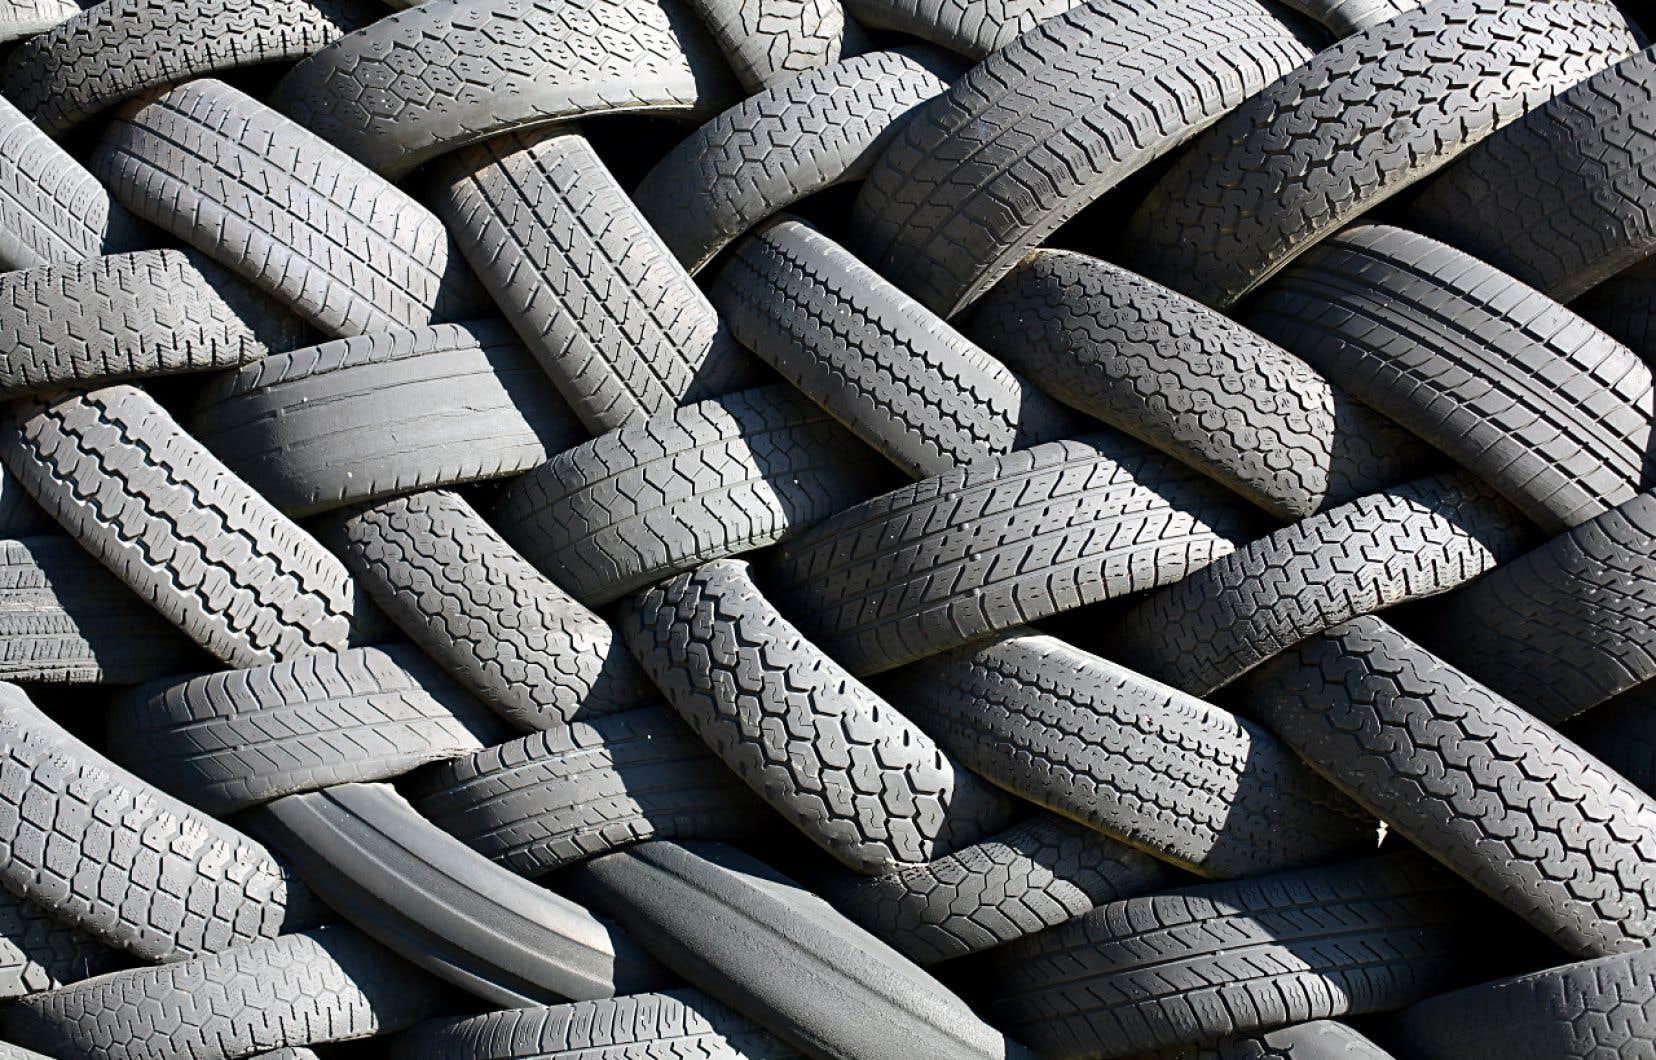 Un amas de pneus dans une usine de recyclage à Goodwood, en Nouvelle-Écosse